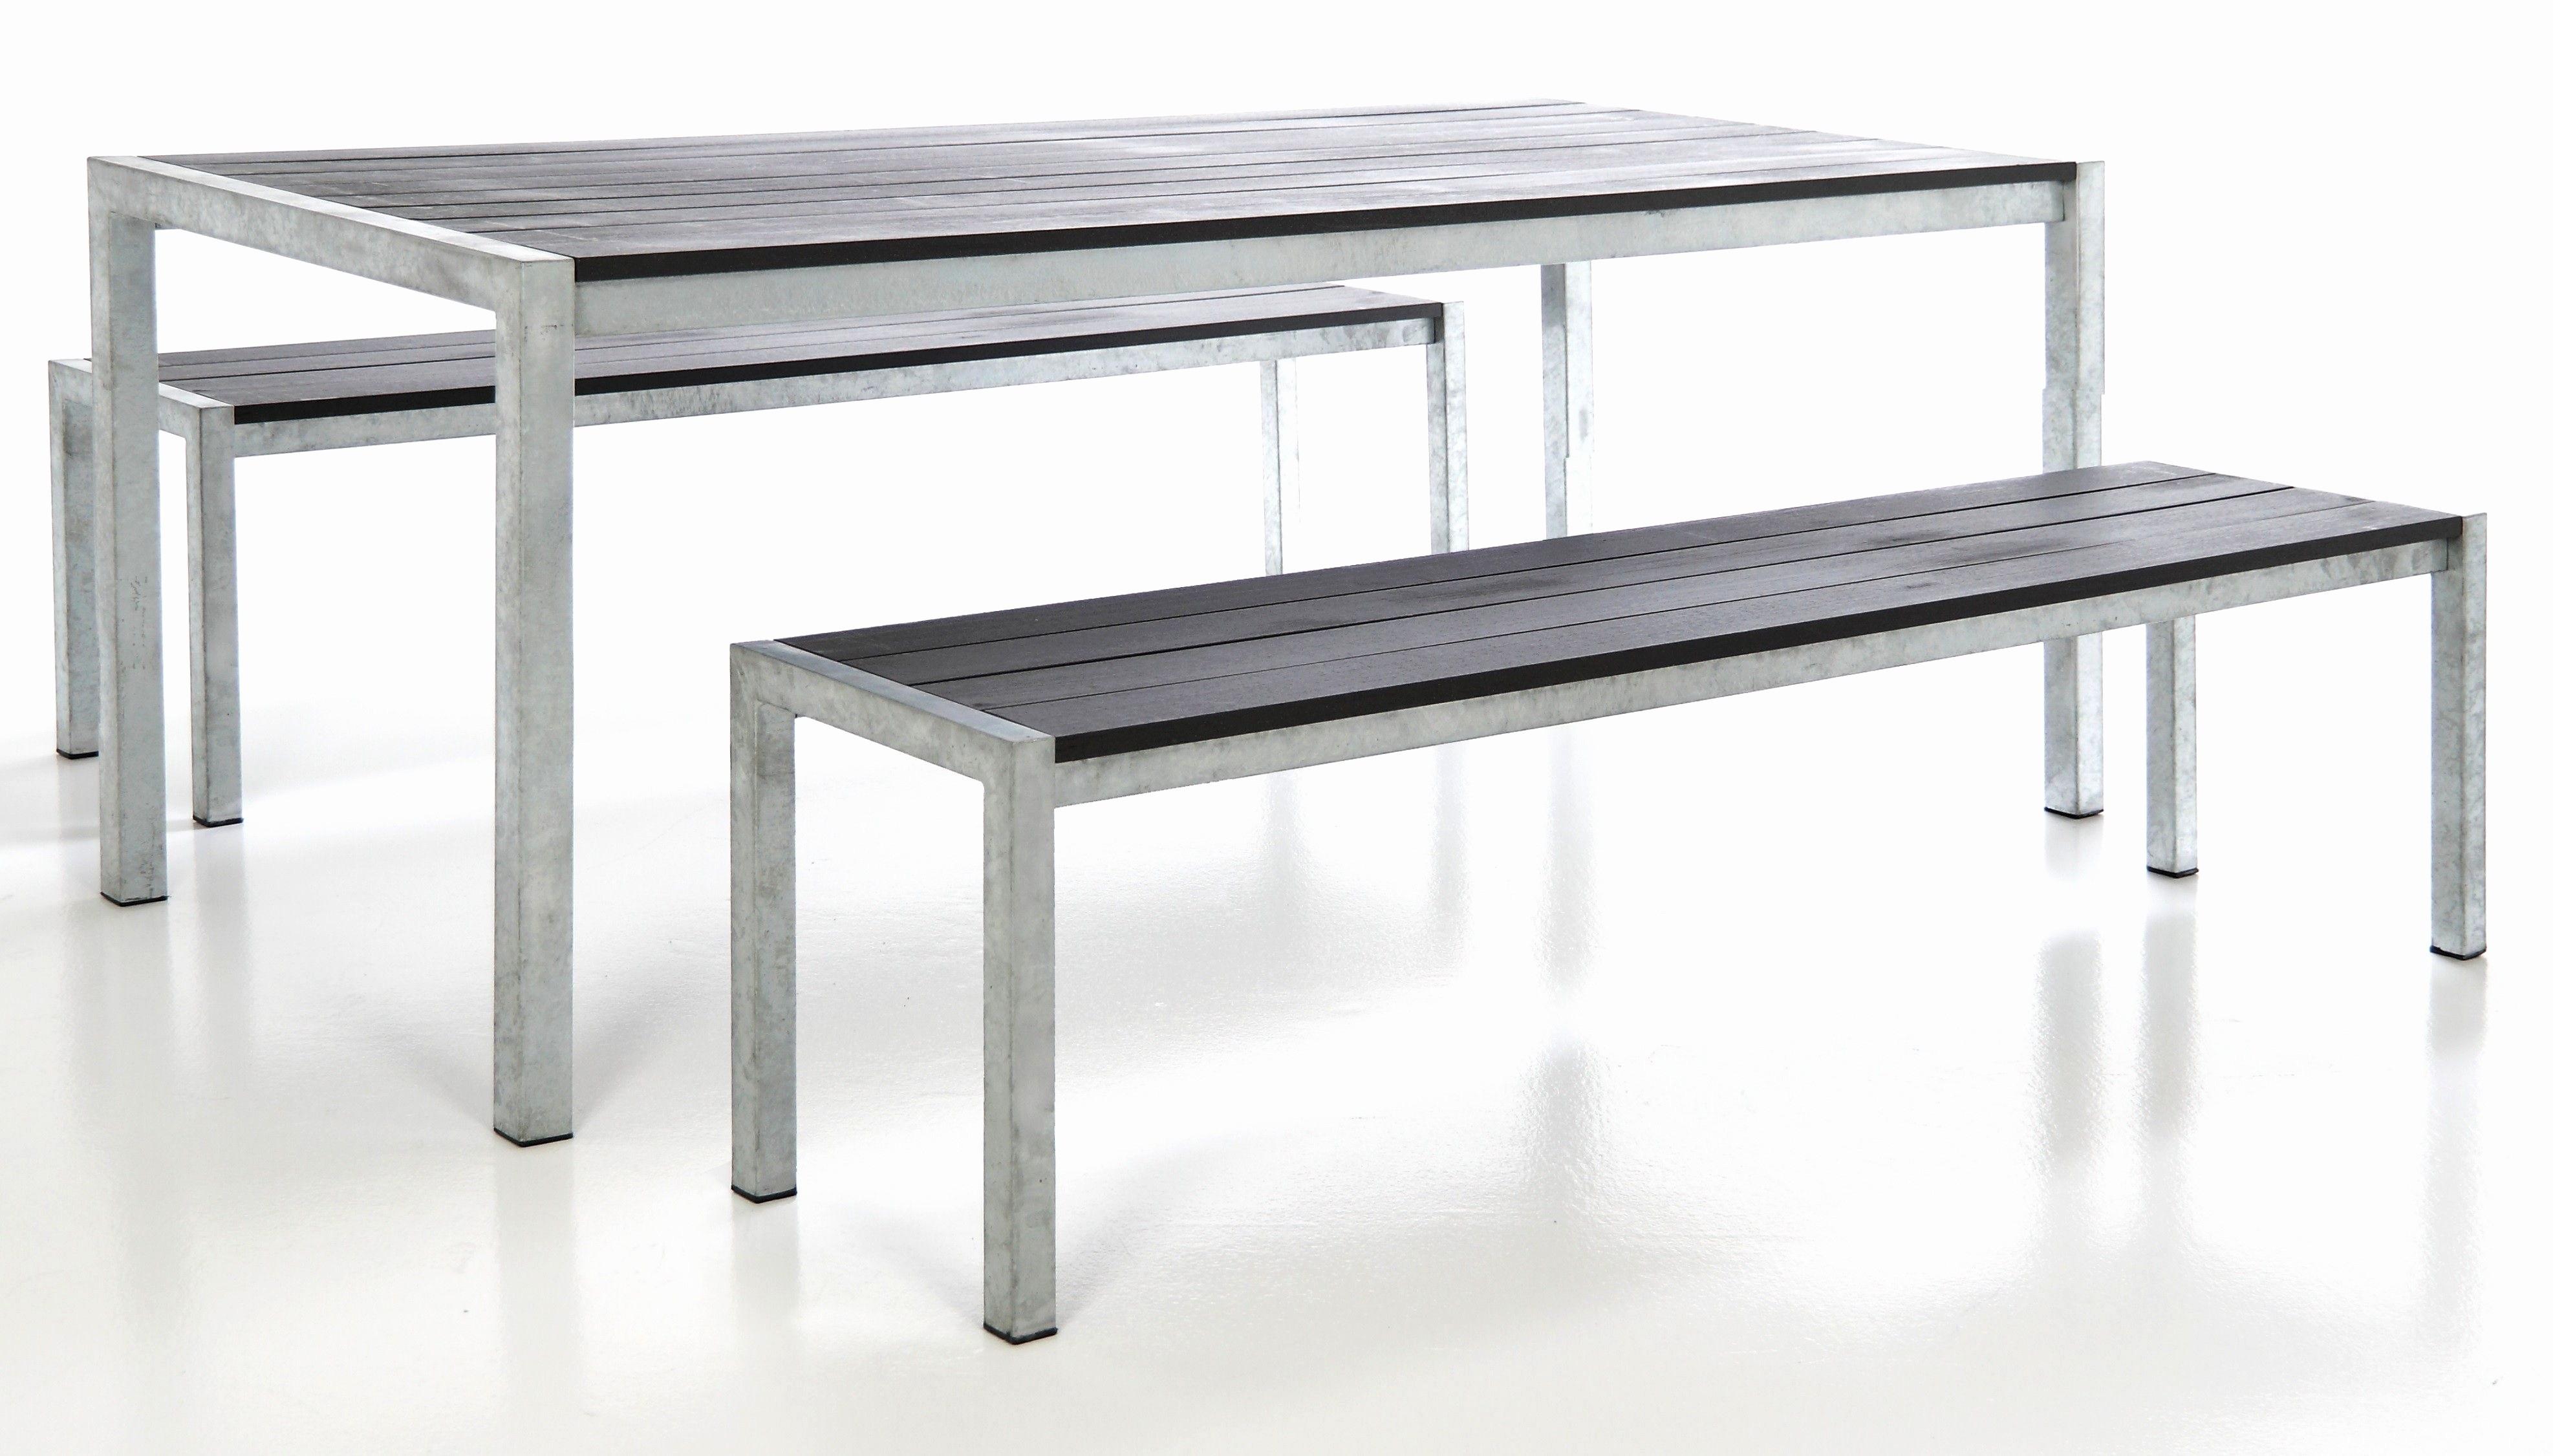 Petite Table Ronde Pliante Inspirant Galerie Petite Table Ronde De Jardin Leclerc 4203